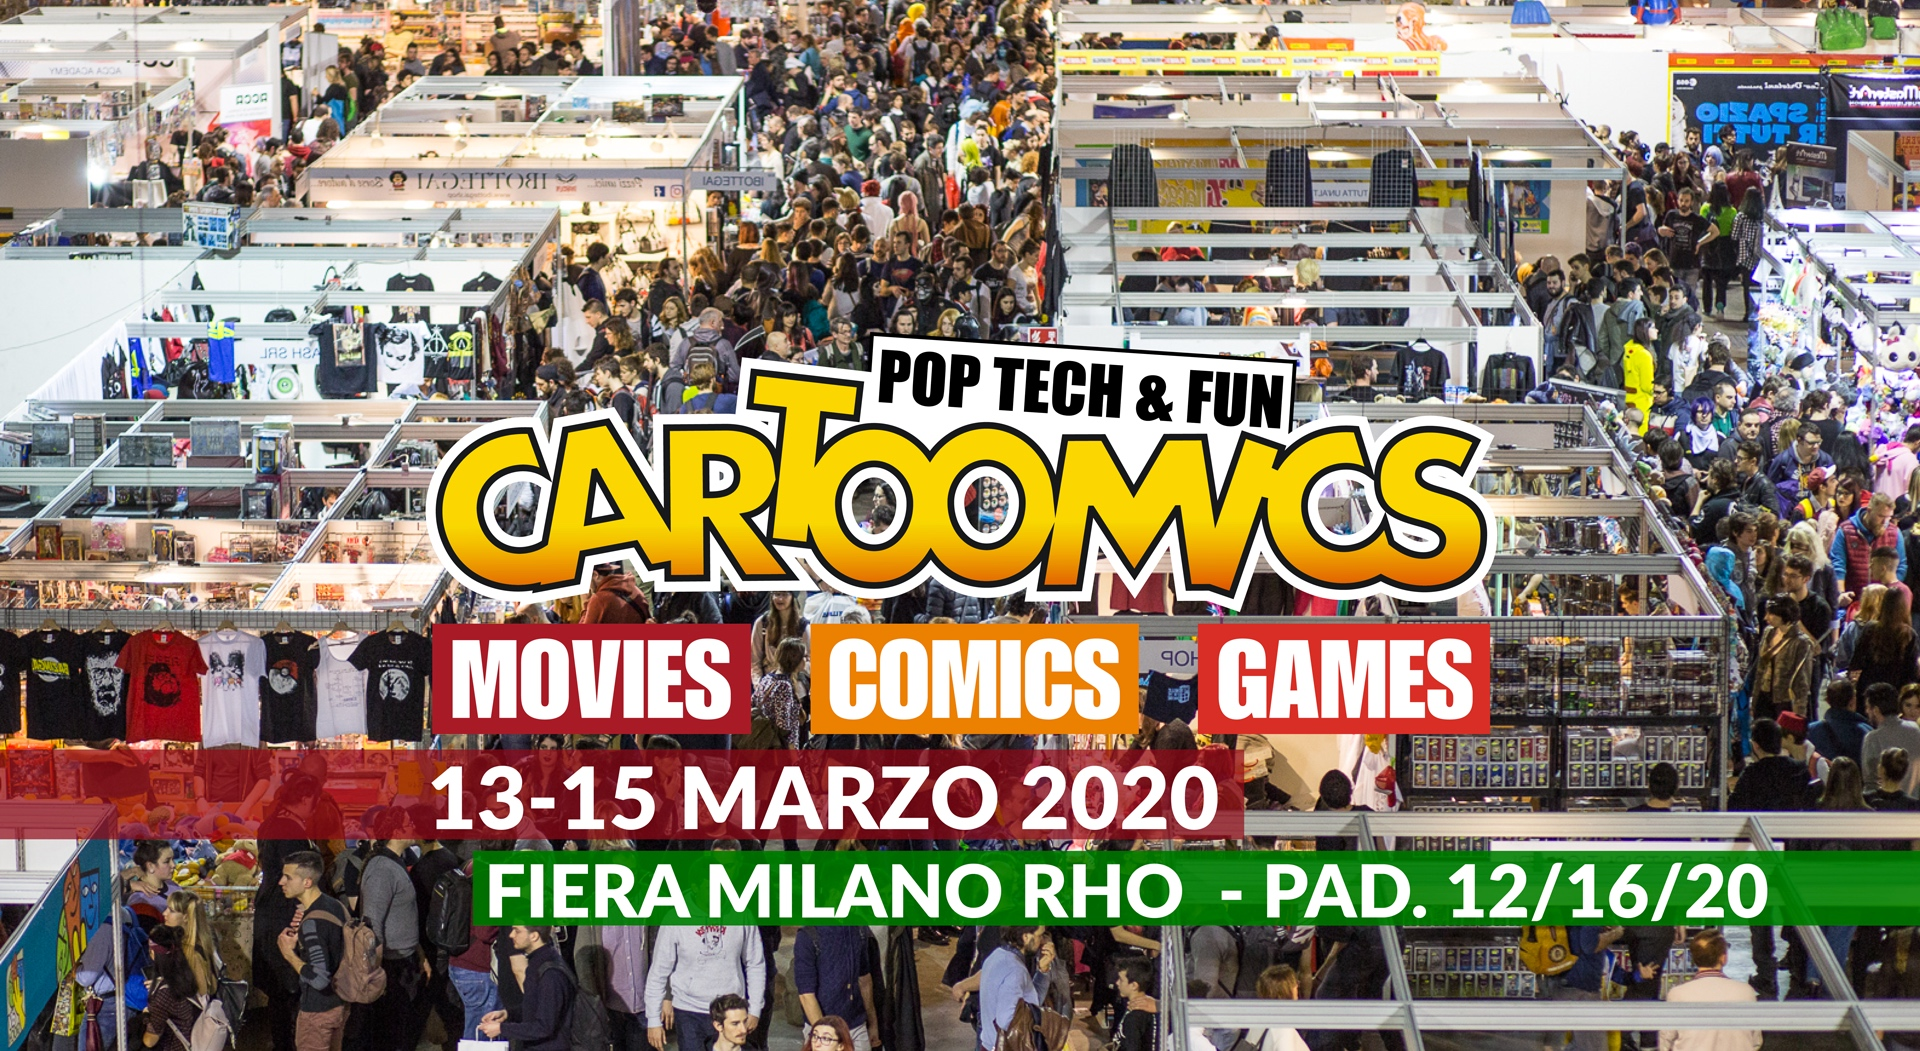 Cartoomics 2020: le novità della 27° edizione thumbnail